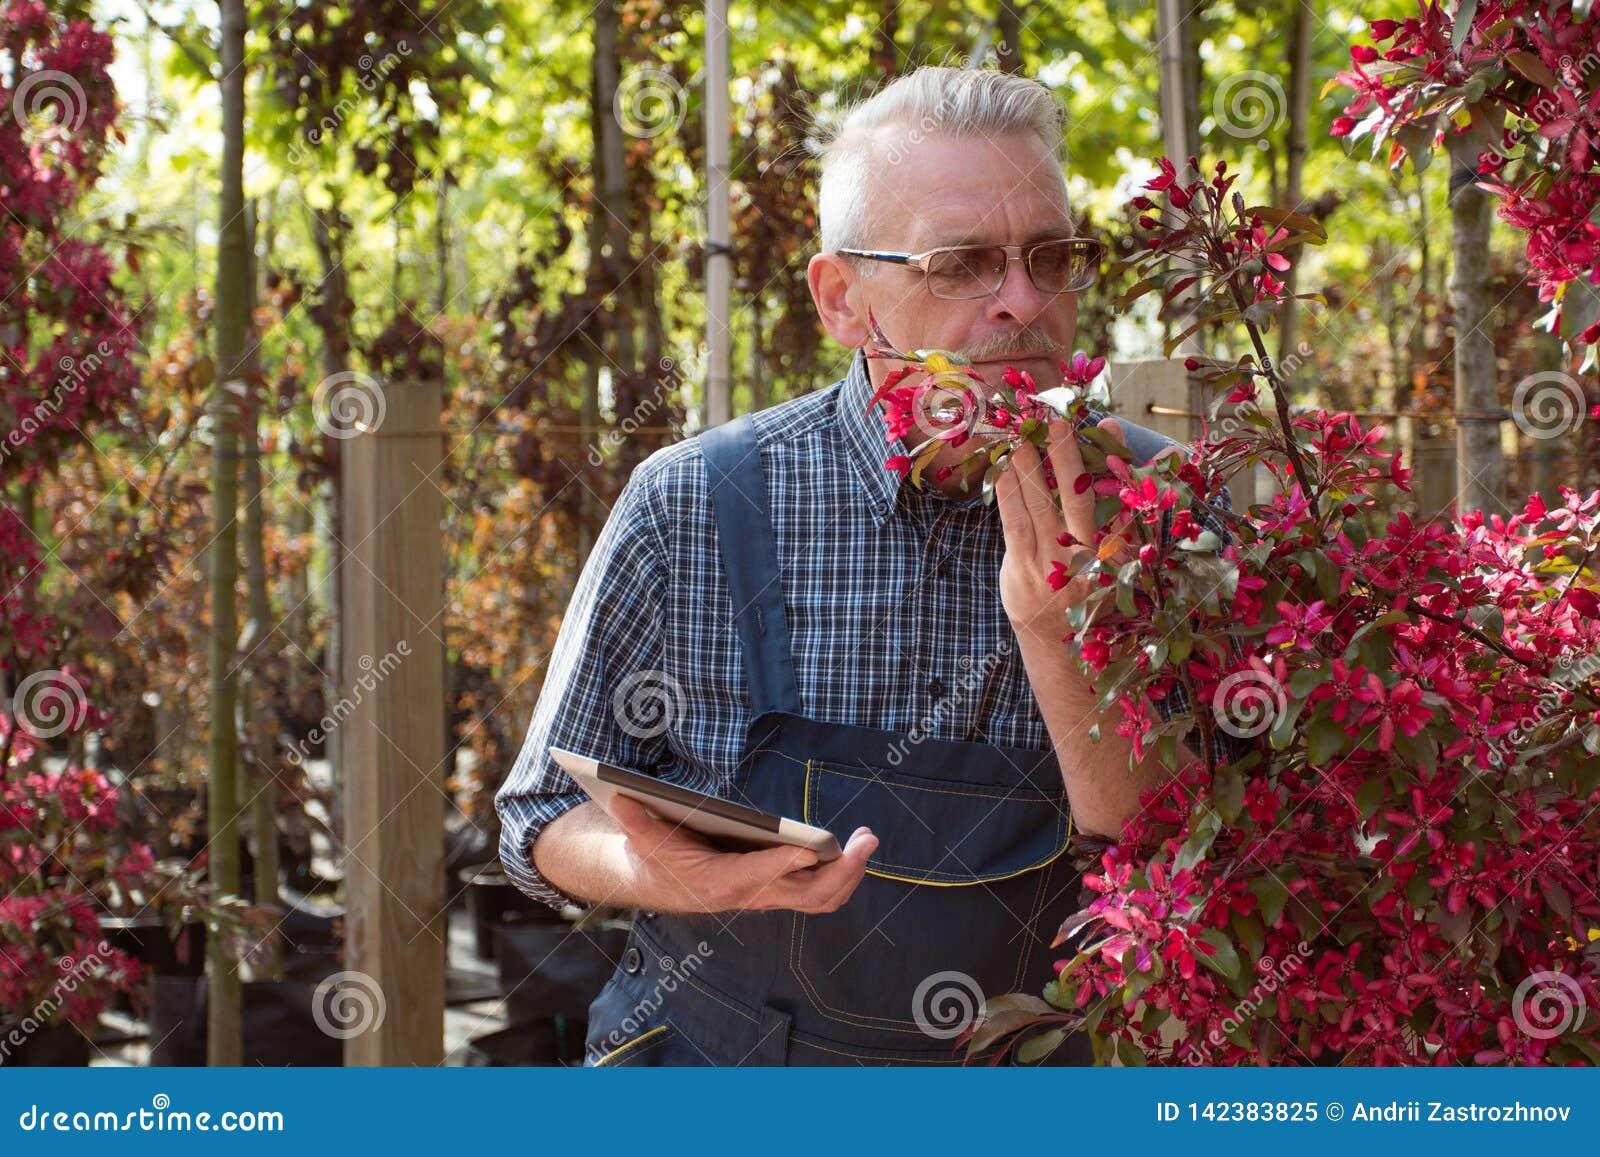 Vuxen trädgårdsmästare nära blommorna Händerna som rymmer minnestavlan I exponeringsglasen ett skägg, bärande overaller I trädgår